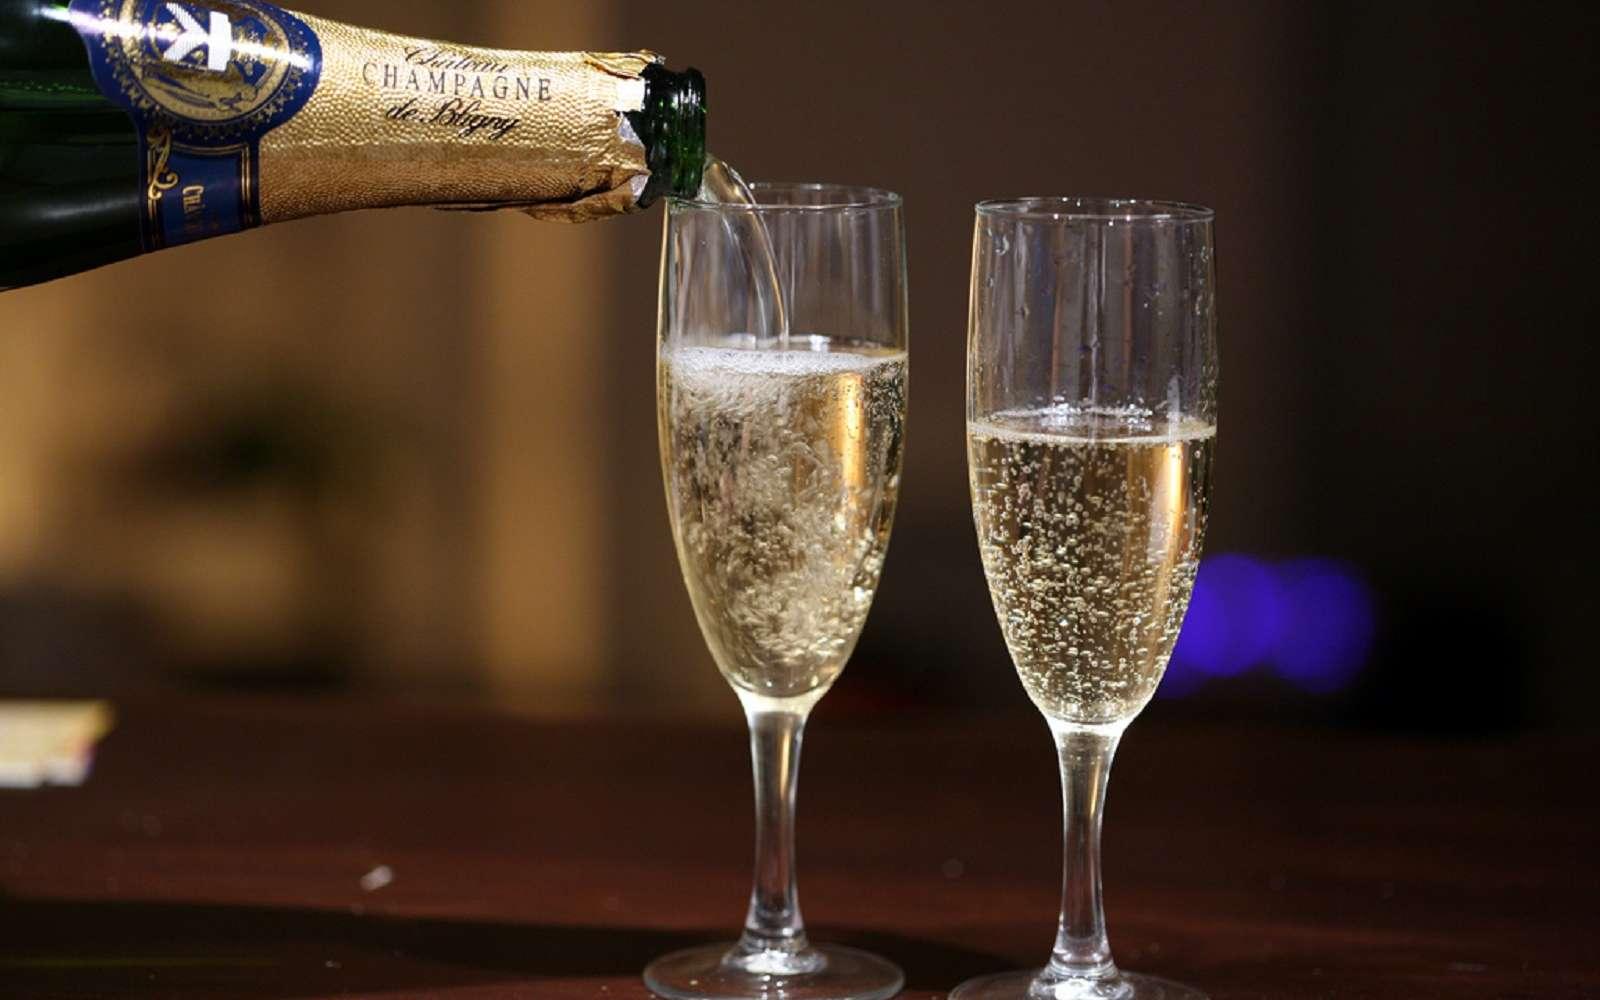 Le champagne bio reste un produit d'exception. © Simon Law, Wikimedia Comnons, CC By-SA 2.0